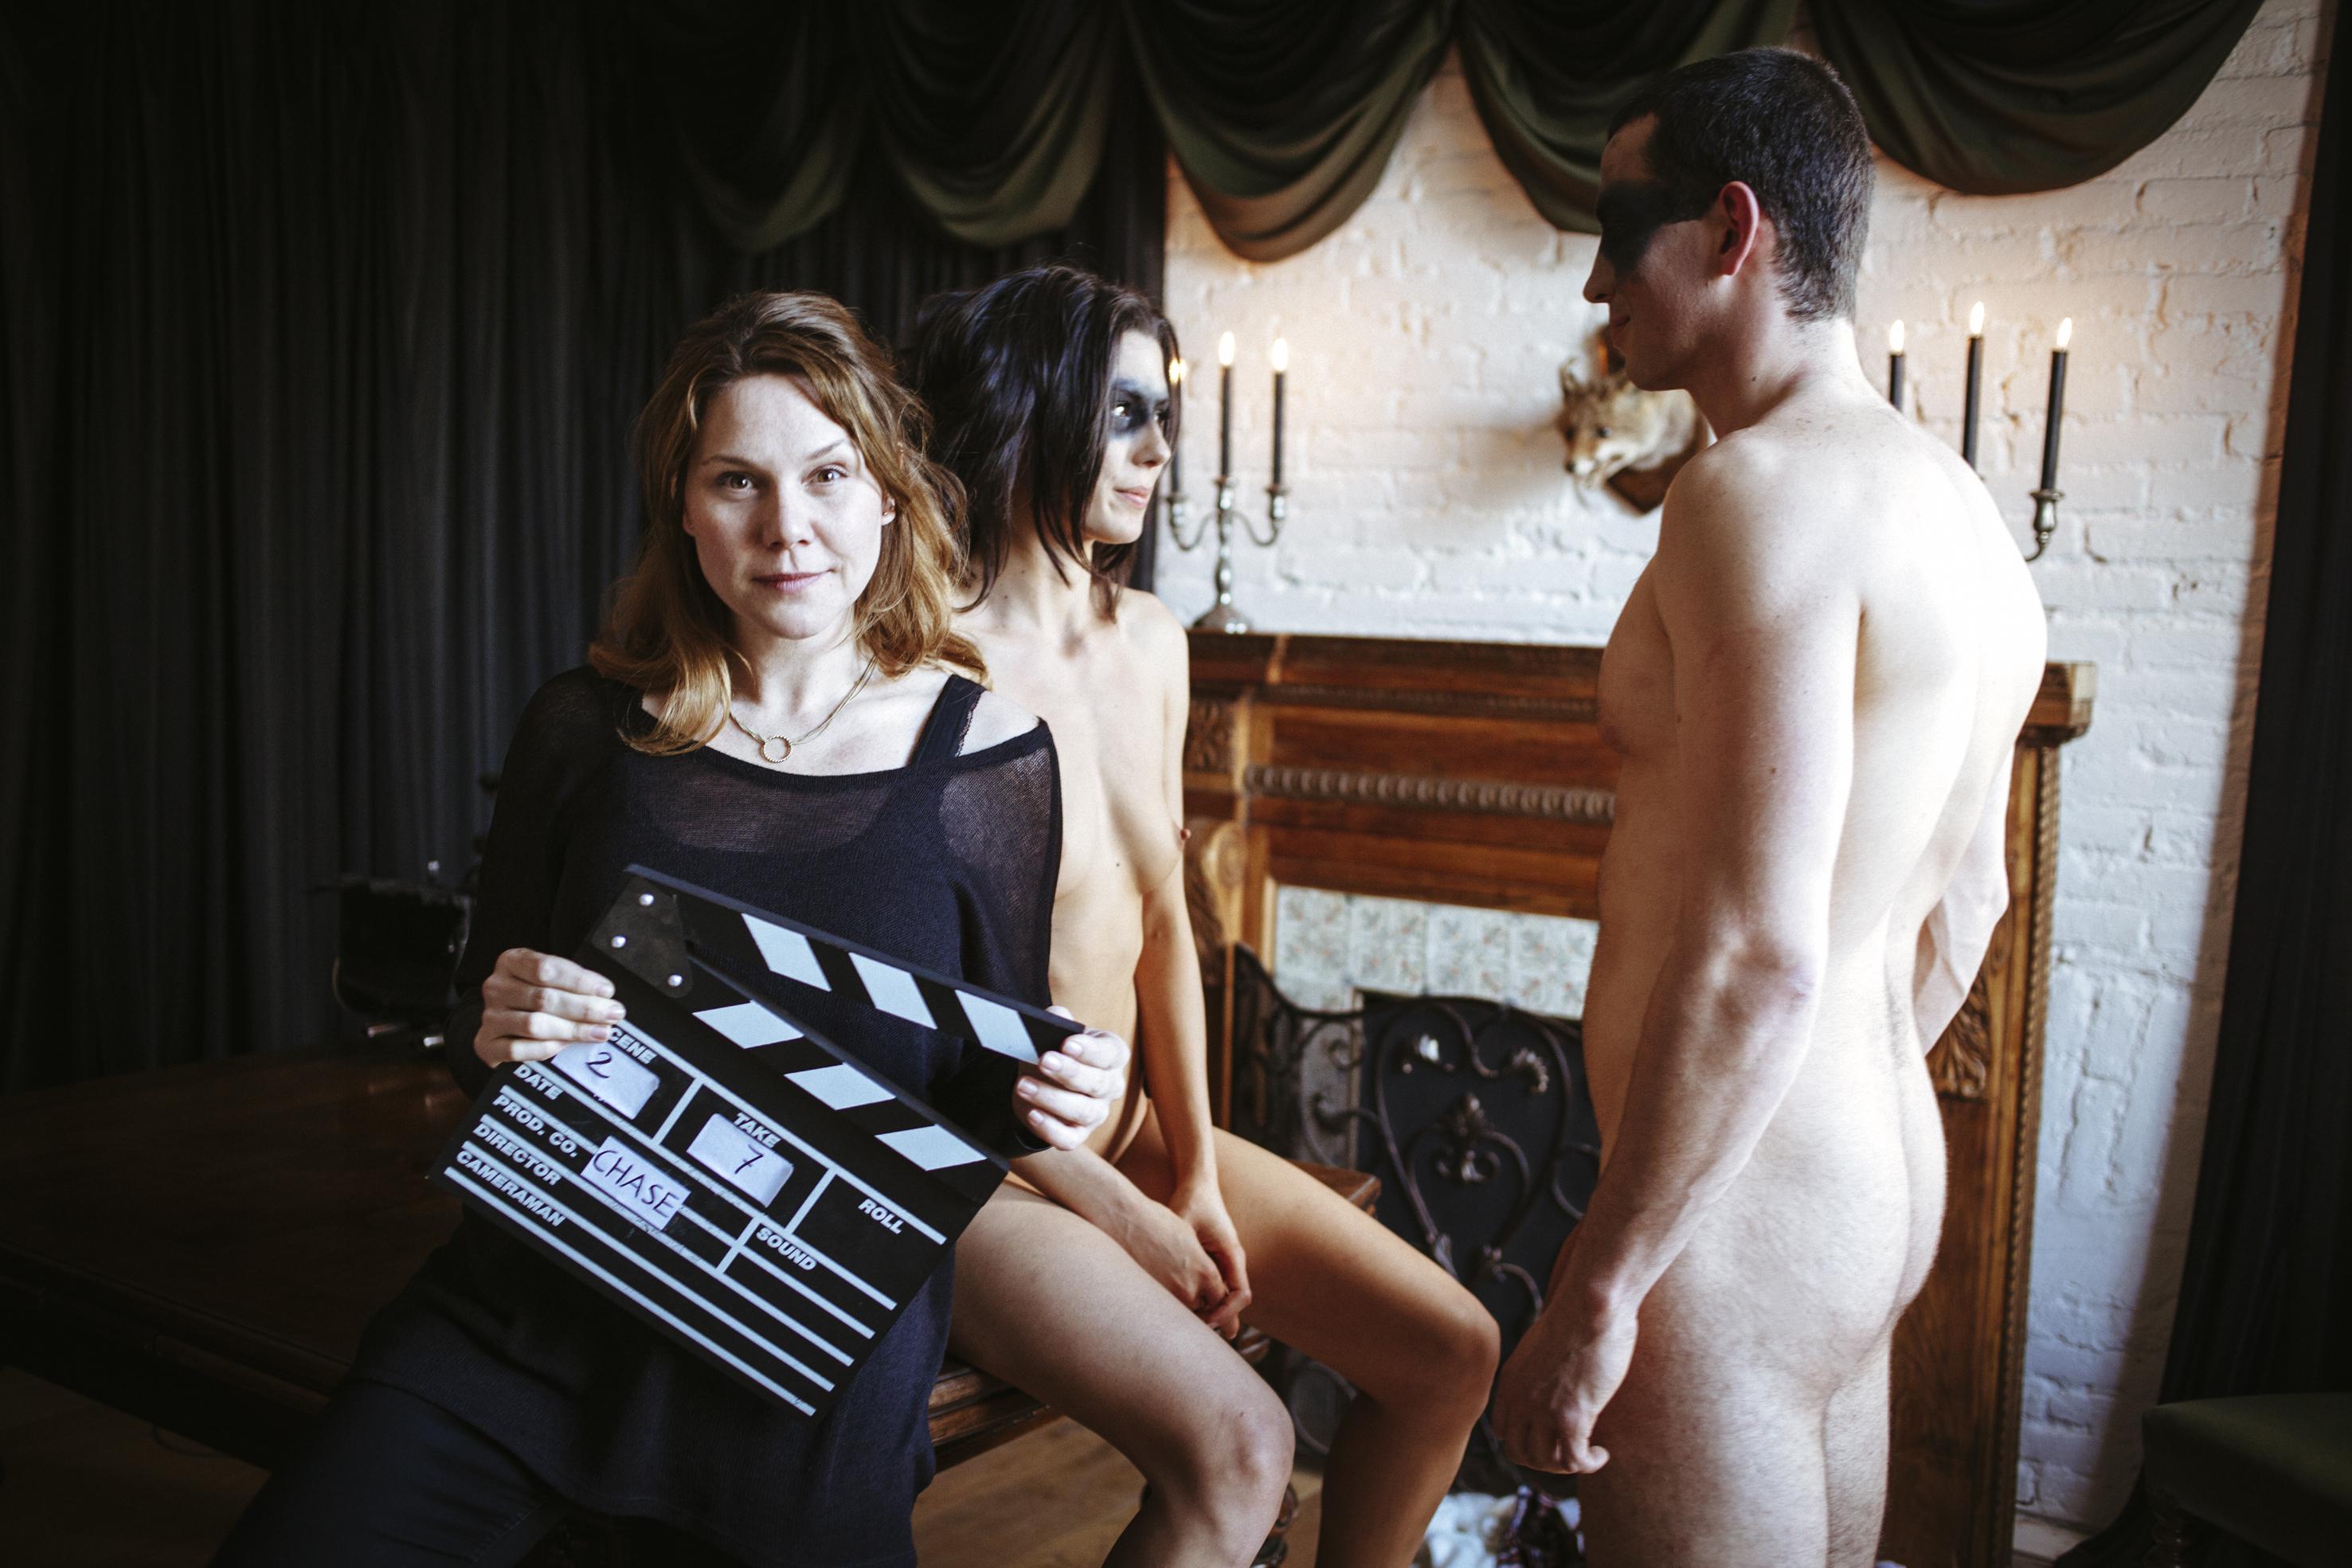 un bel film erotico chat grais